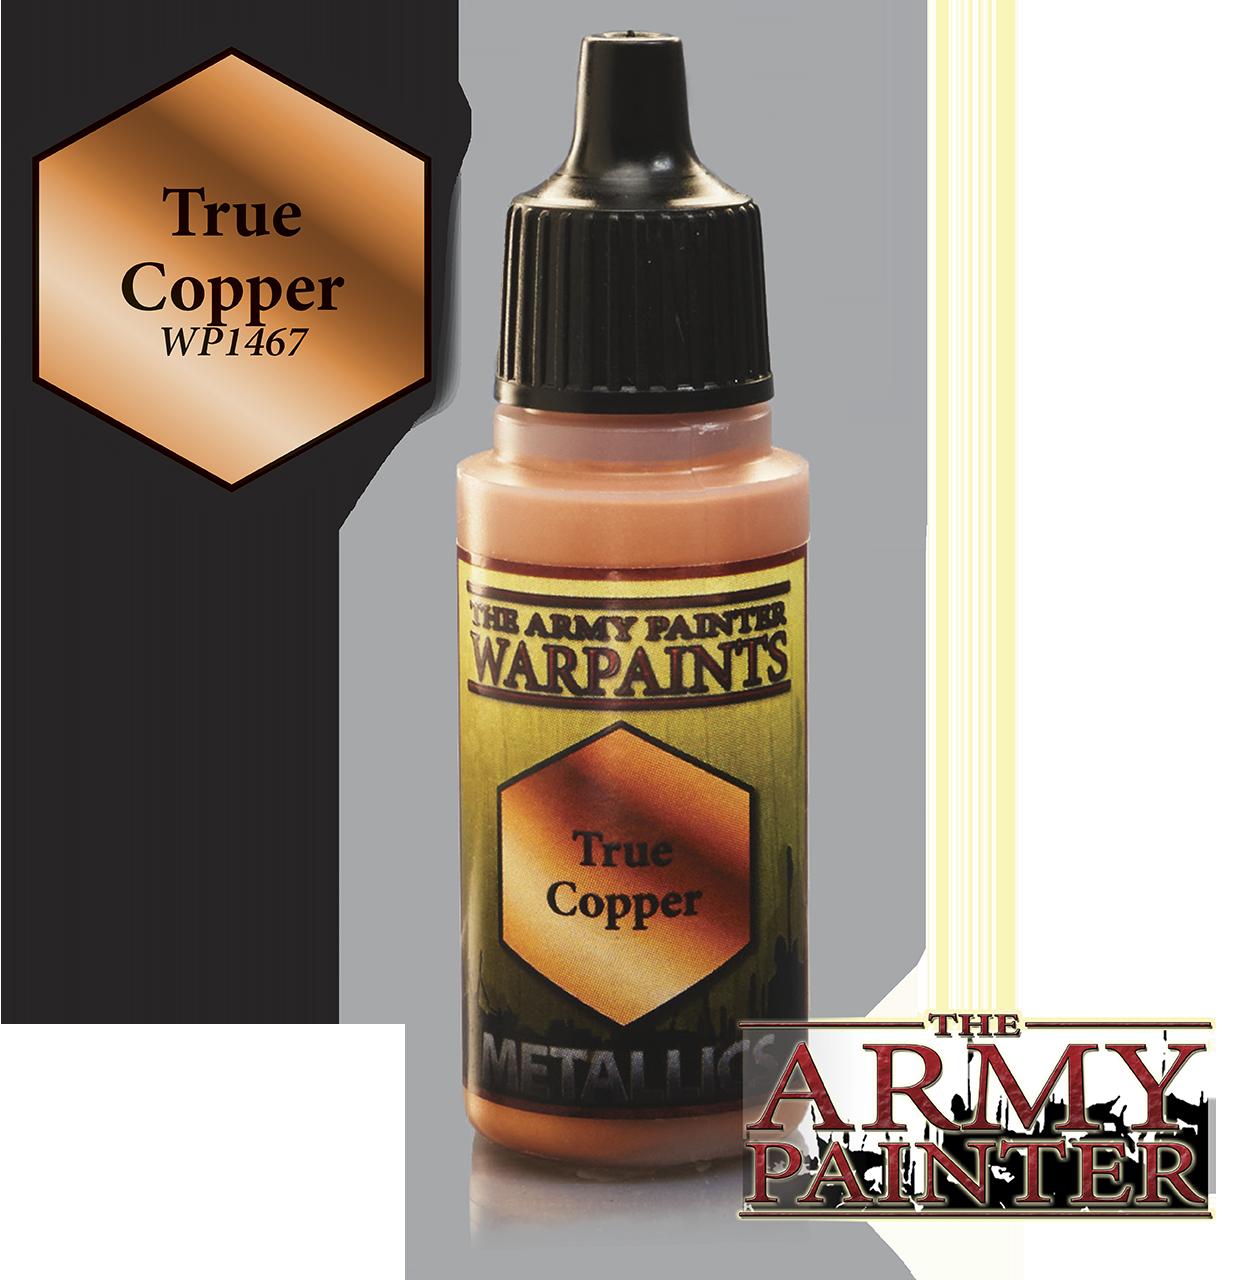 True Copper - Army Painter Warpaints